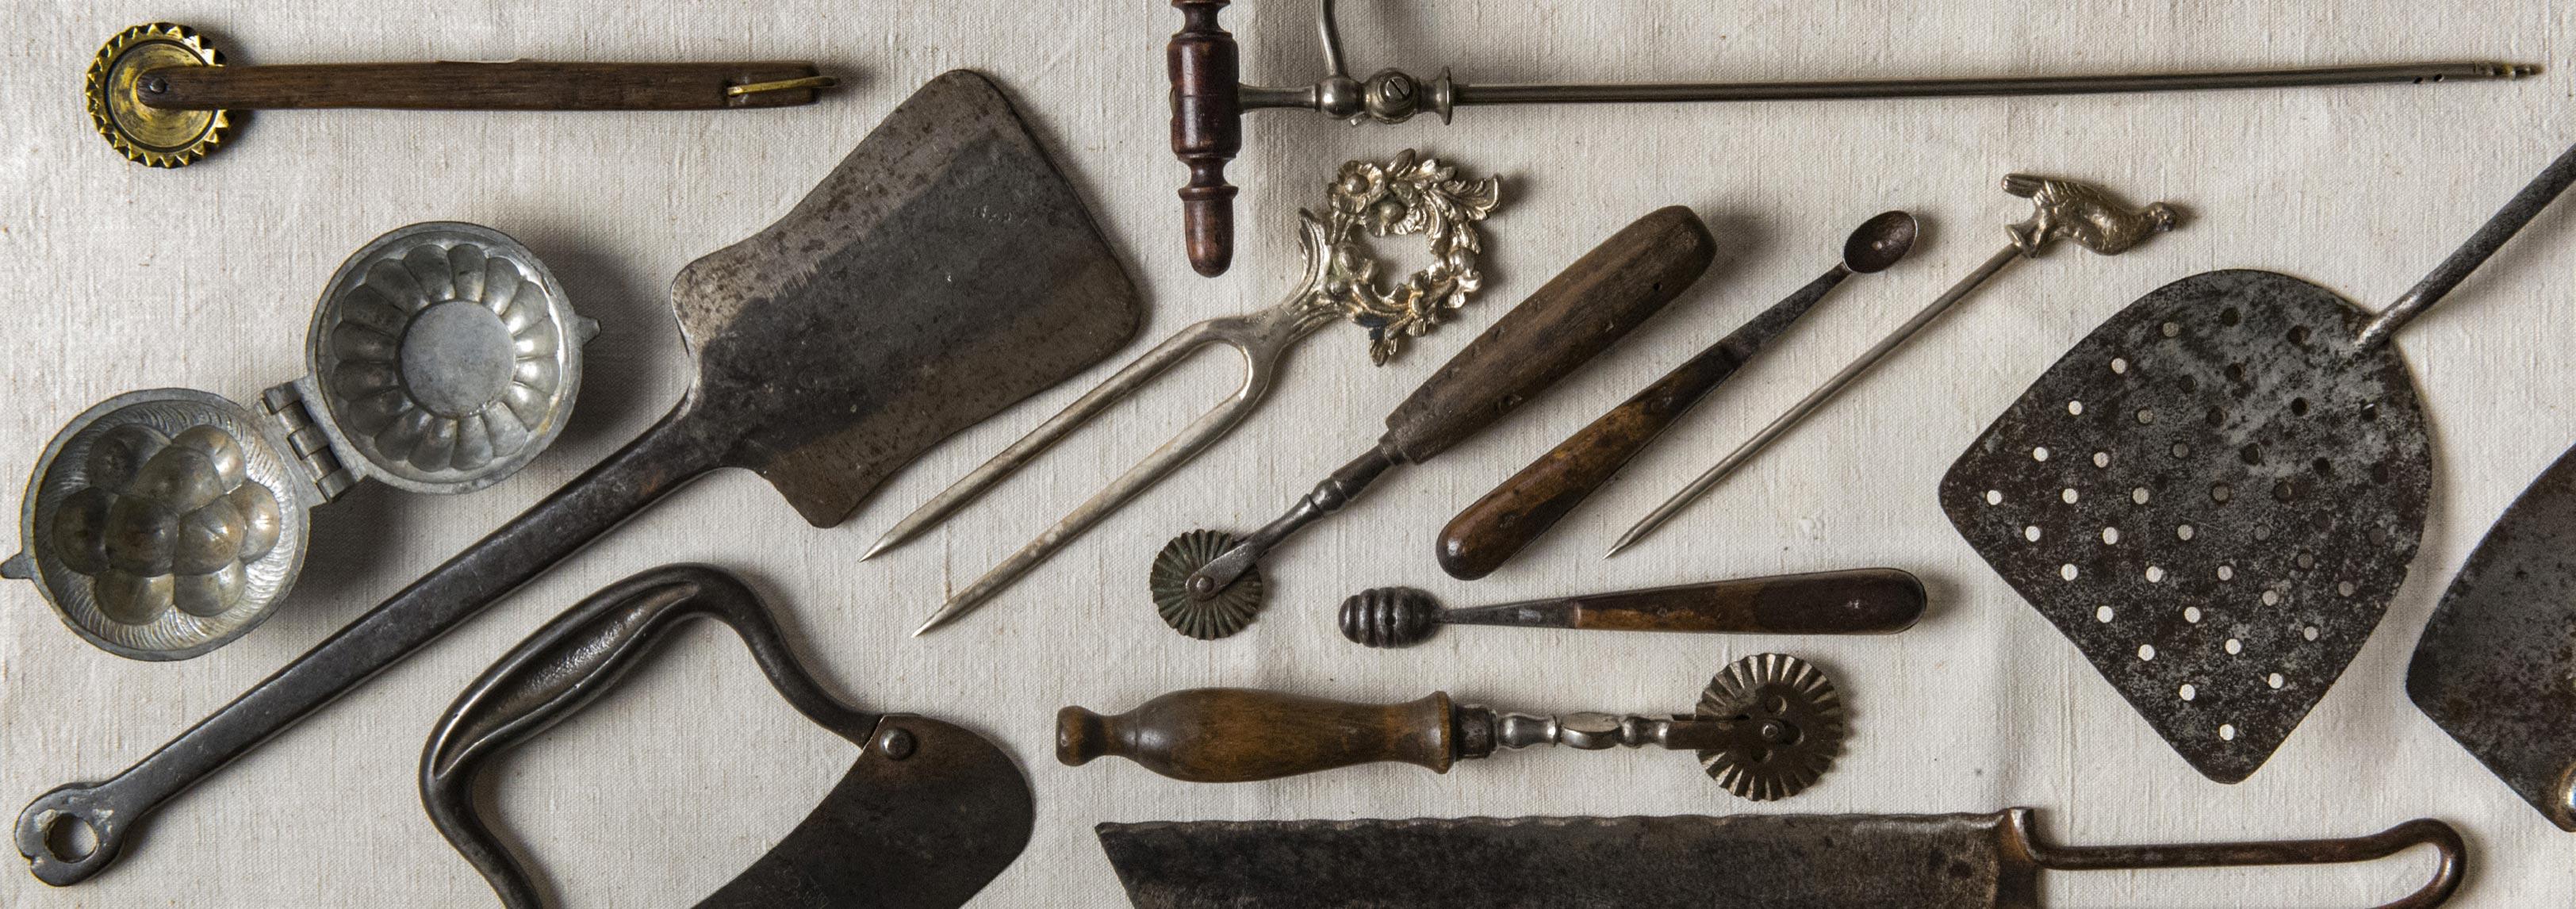 Vintage antico oggetti in metallo bibliotheca culinaria Oggetti vintage per casa